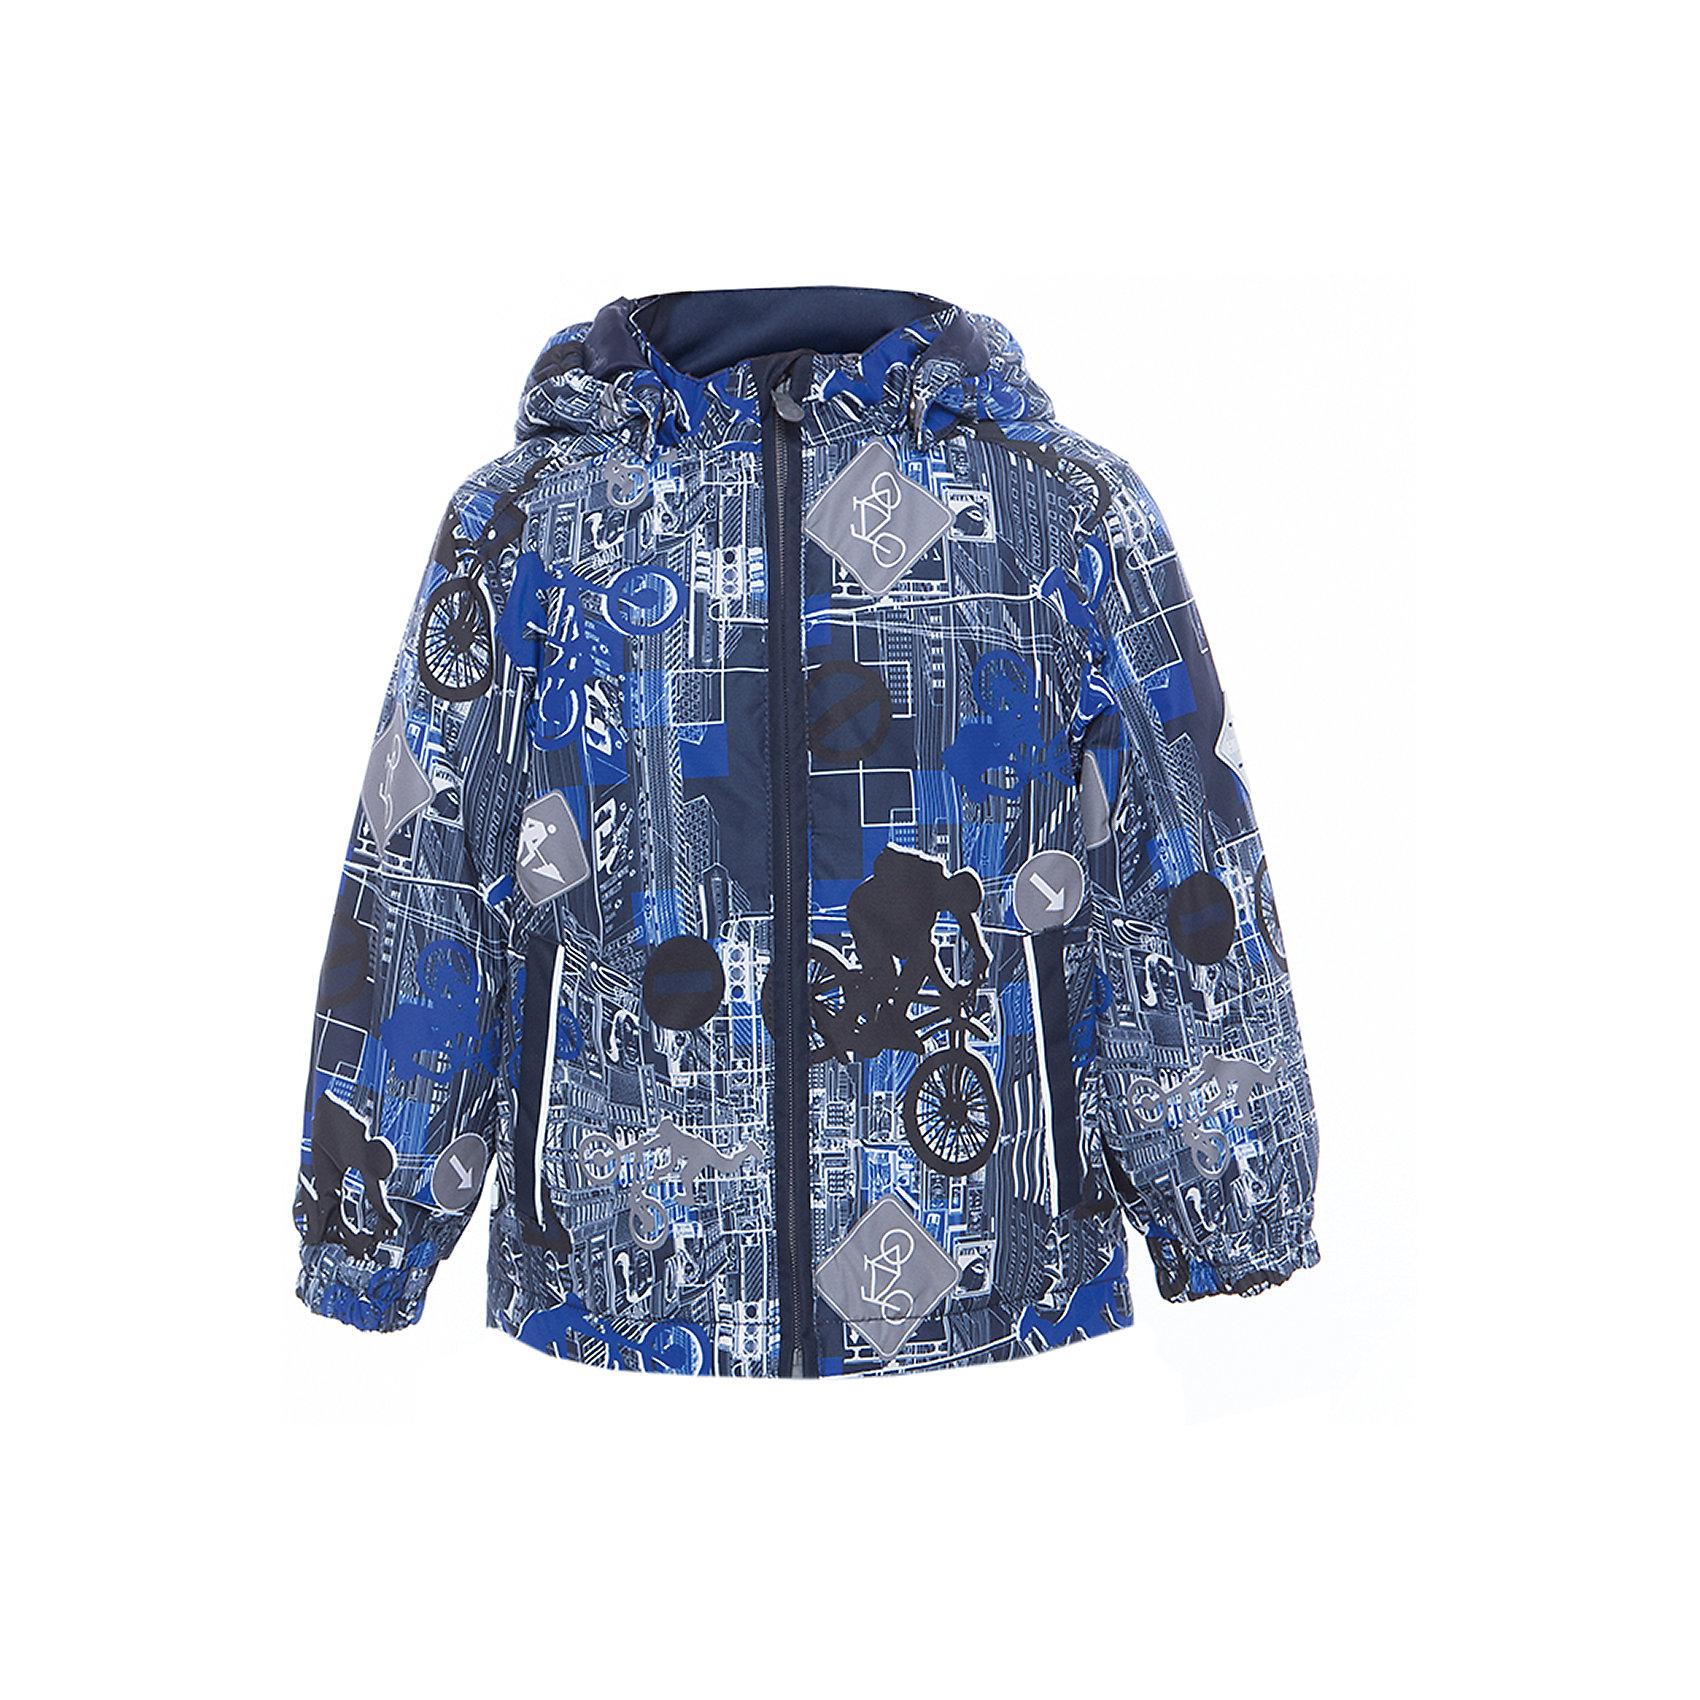 Куртка JODY для мальчика HuppaВерхняя одежда<br>Характеристики товара:<br><br>• цвет: синий<br>• ткань: 100% полиэстер<br>• подкладка: тафта - 100% полиэстер<br>• утеплитель: 100% полиэстер 100 г<br>• температурный режим: от -5°С до +15°С<br>• водонепроницаемость: 10000 мм<br>• воздухопроницаемость: 10000 мм<br>• светоотражающие детали<br>• эластичные манжеты<br>• молния<br>• съёмный капюшон<br>• комфортная посадка<br>• коллекция: весна-лето 2017<br>• страна бренда: Эстония<br><br>Эта стильная куртка обеспечит детям тепло и комфорт. Она сделана из материала, отталкивающего воду, и дополнено подкладкой с утеплителем, поэтому изделие идеально подходит для межсезонья. Материал изделия - с мембранной технологией: защищая от влаги и ветра, он легко выводит лишнюю влагу наружу. Для удобства сделан капюшон. Куртка очень симпатично смотрится, яркая расцветка и крой добавляют ему оригинальности. Модель была разработана специально для детей.<br><br>Одежда и обувь от популярного эстонского бренда Huppa - отличный вариант одеть ребенка можно и комфортно. Вещи, выпускаемые компанией, качественные, продуманные и очень удобные. Для производства изделий используются только безопасные для детей материалы. Продукция от Huppa порадует и детей, и их родителей!<br><br>Куртку JODY от бренда Huppa (Хуппа) можно купить в нашем интернет-магазине.<br><br>Ширина мм: 356<br>Глубина мм: 10<br>Высота мм: 245<br>Вес г: 519<br>Цвет: синий<br>Возраст от месяцев: 18<br>Возраст до месяцев: 24<br>Пол: Мужской<br>Возраст: Детский<br>Размер: 92,152,98,104,110,116,122,128,134,140,146<br>SKU: 5347021